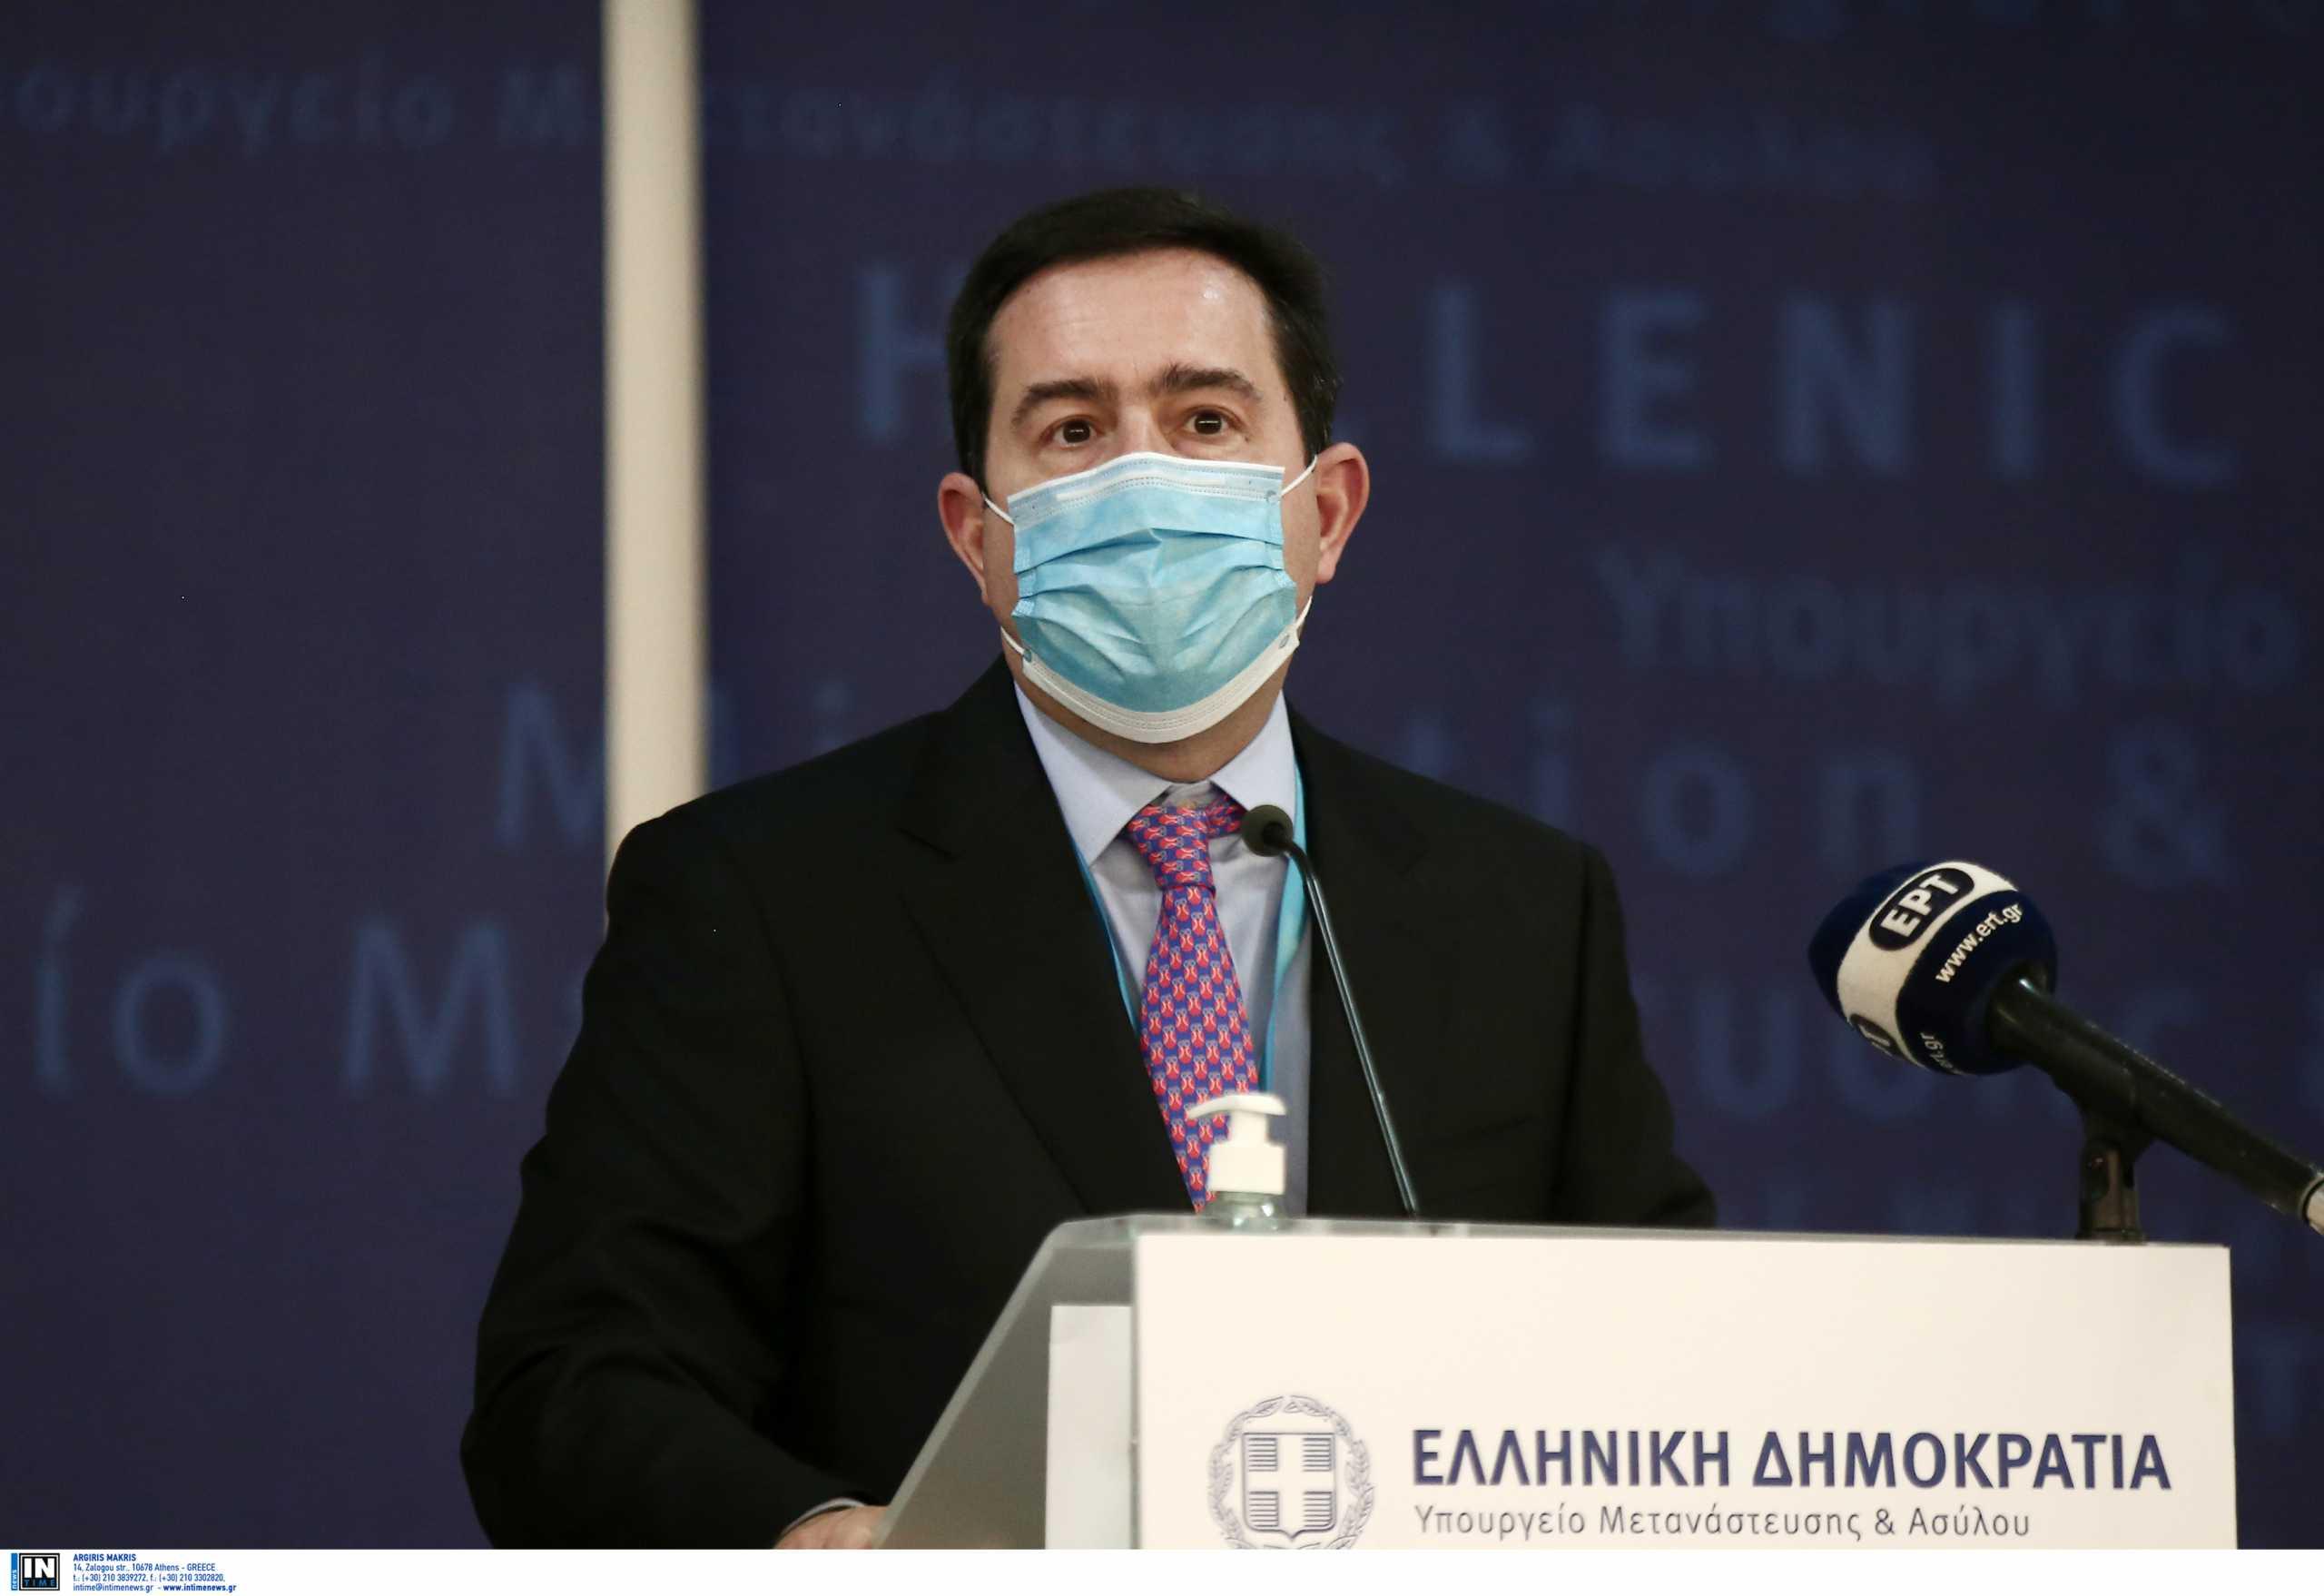 Ν. Μηταράκης: «Η Ελλάδα δεν επιτρέπεται να λειτουργεί ως χώρος στάθμευσης των ευρωπαϊκών προβλημάτων»